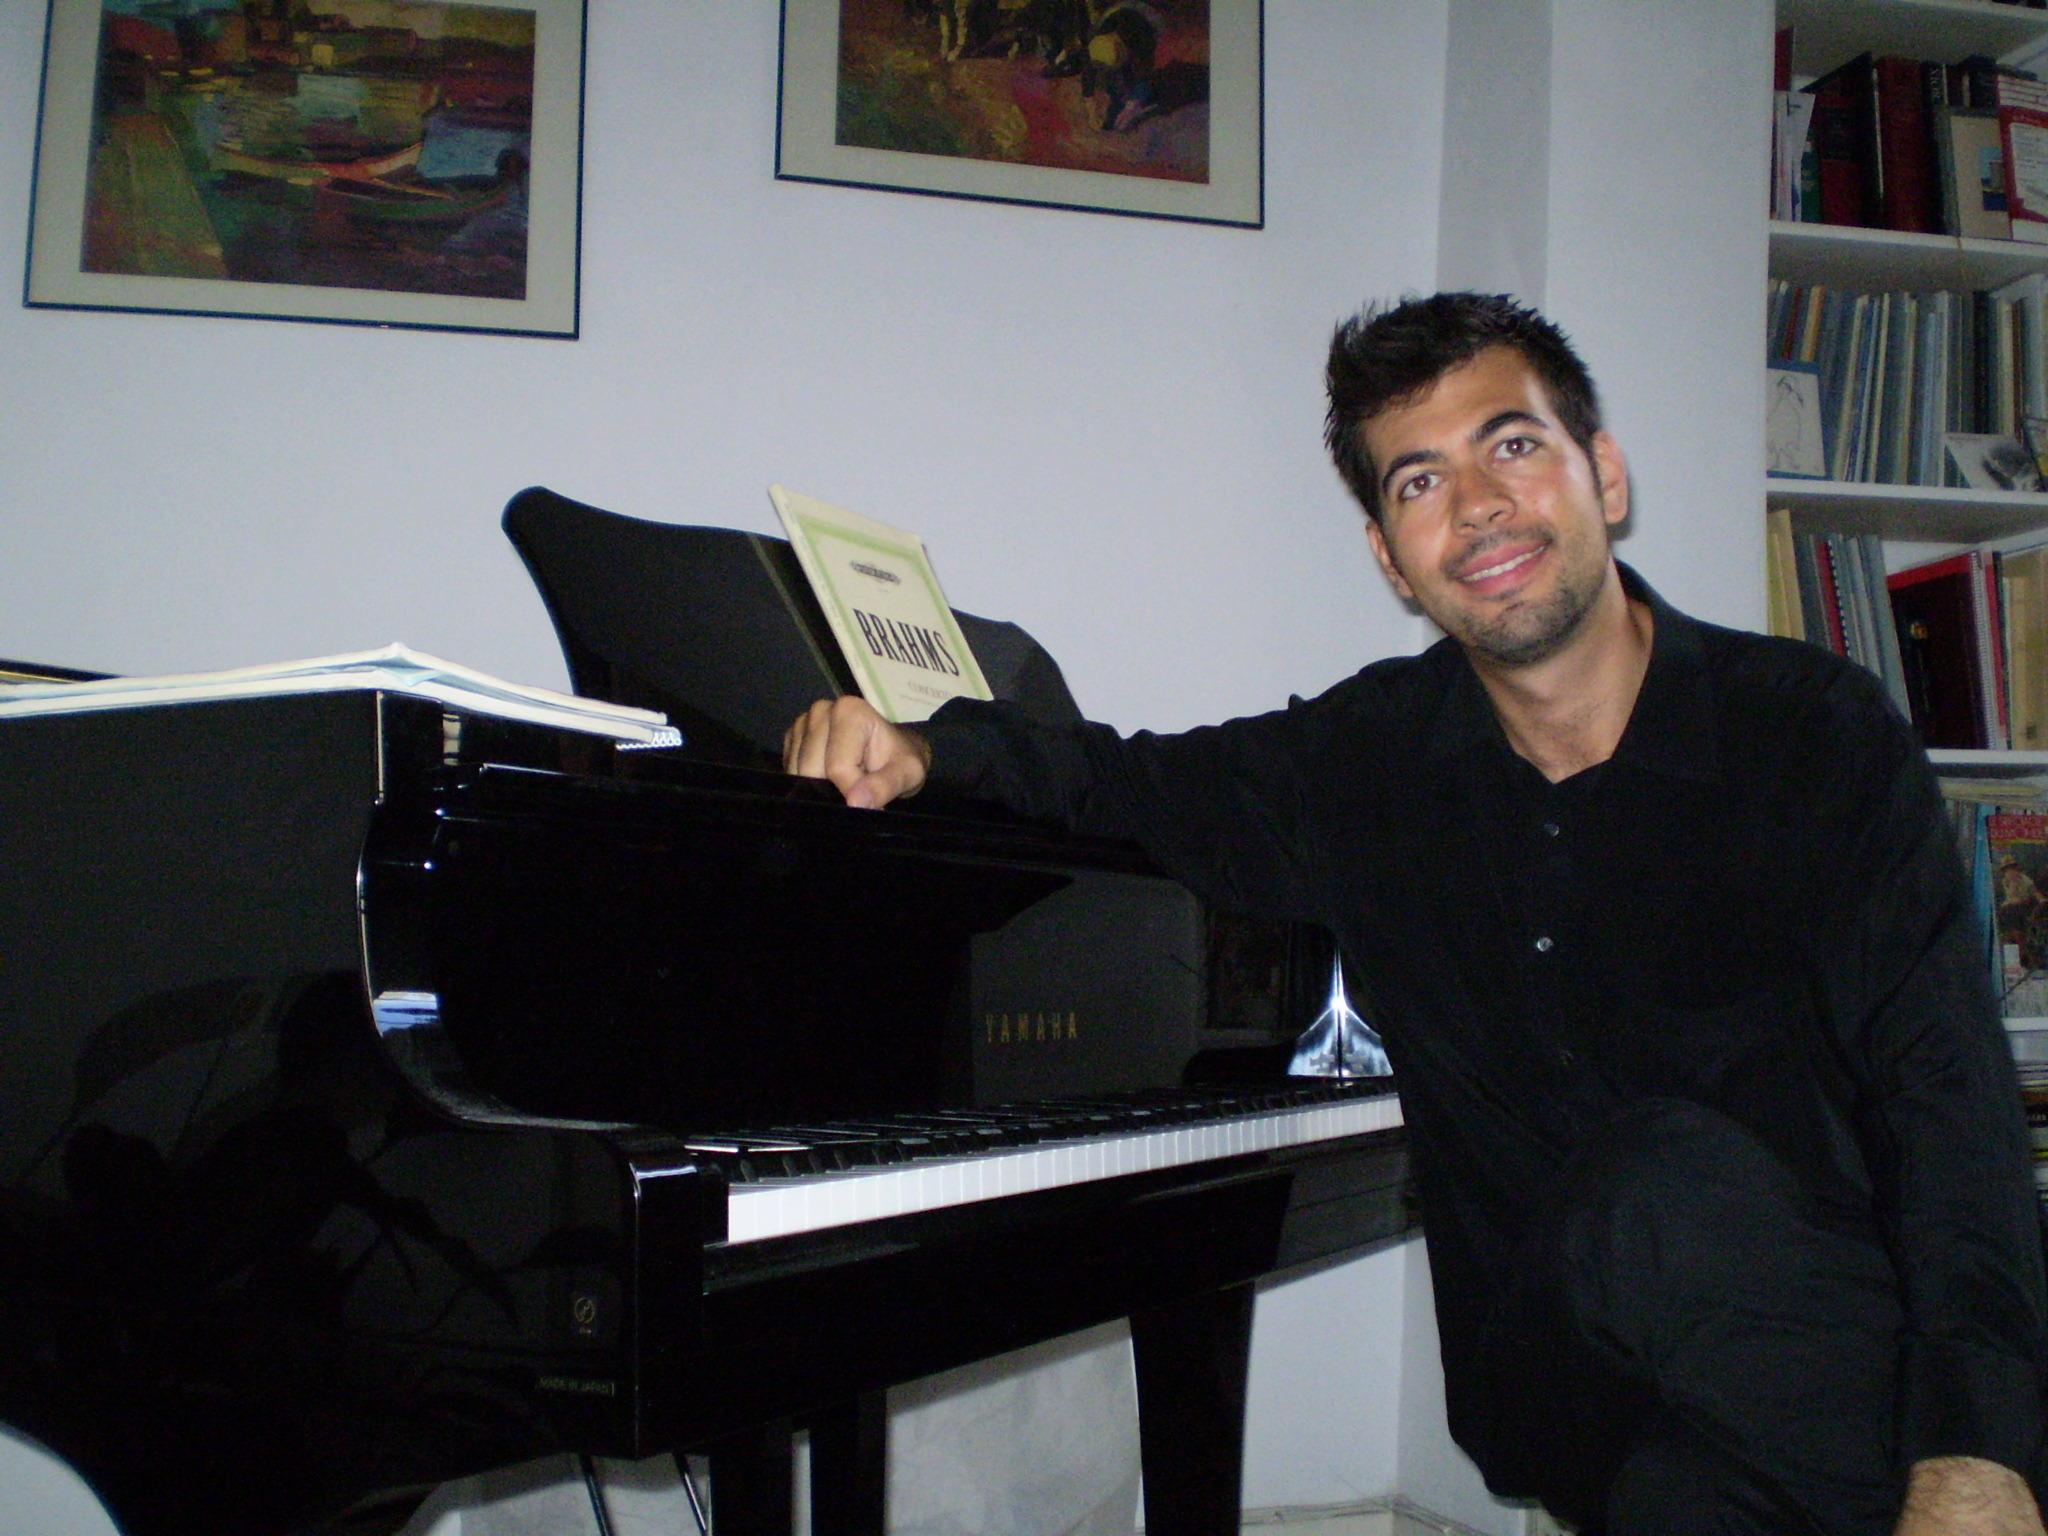 Cours de piano bruxelles 1000 - Cours de piano montpellier ...